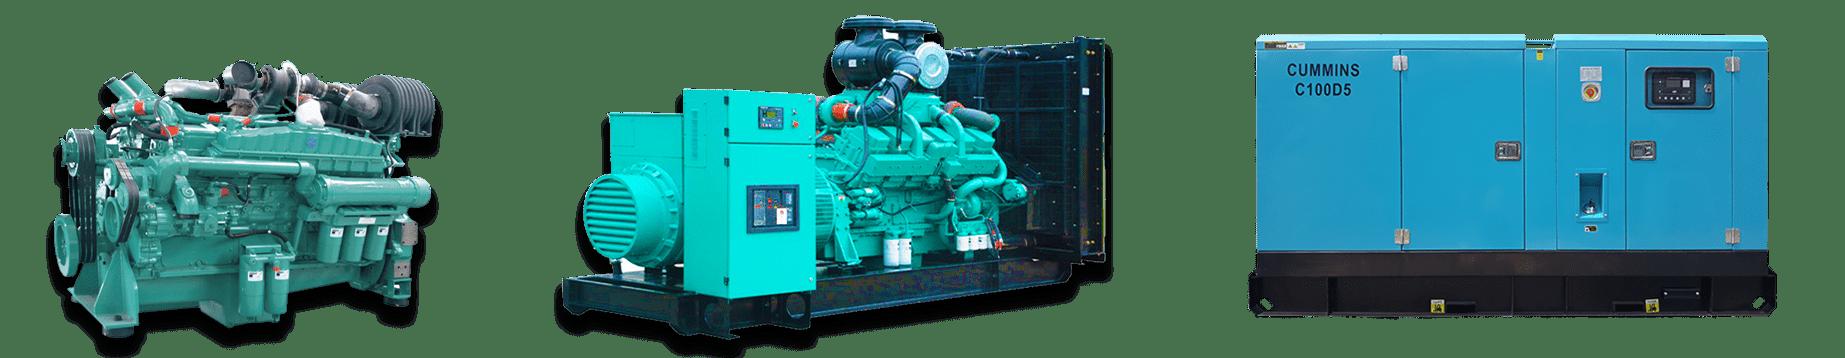 Máy phát điện Cummins - Nhập khẩu chính hãng - Giá tốt